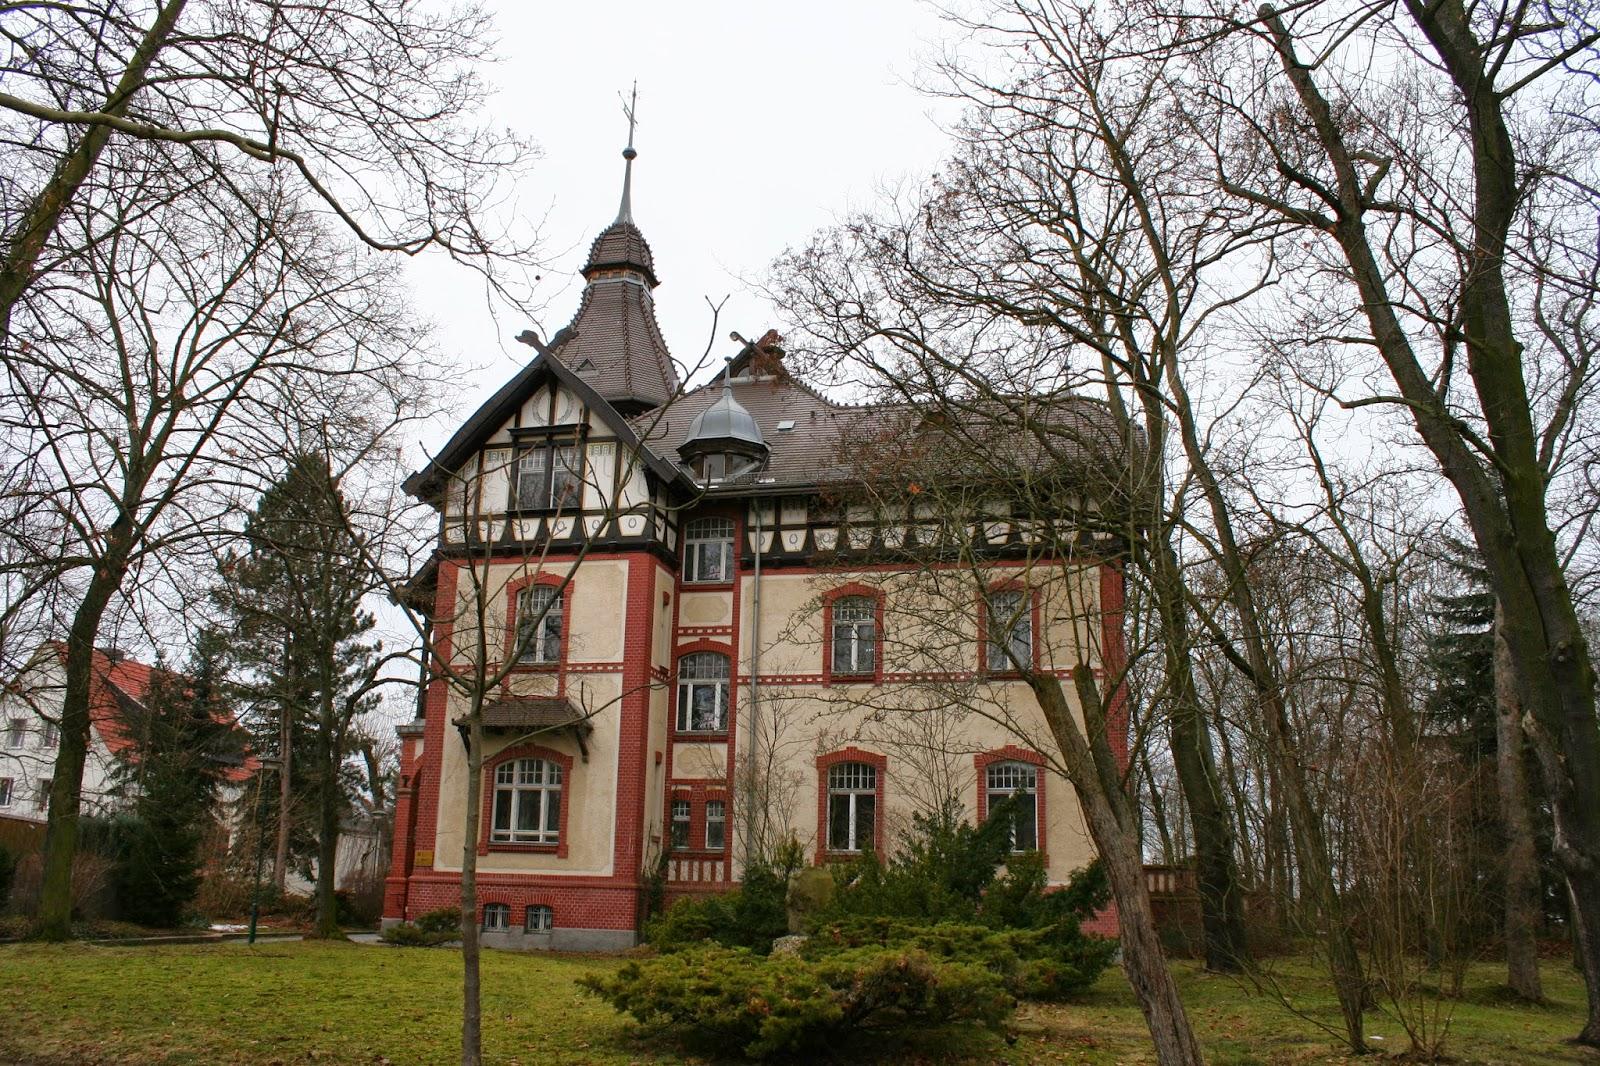 Das Gebäude steht direkt in einem Park und wurde von 1904 bis 1906 als Villa erbaut - Blick von der Geschwister-Scholl-Straße